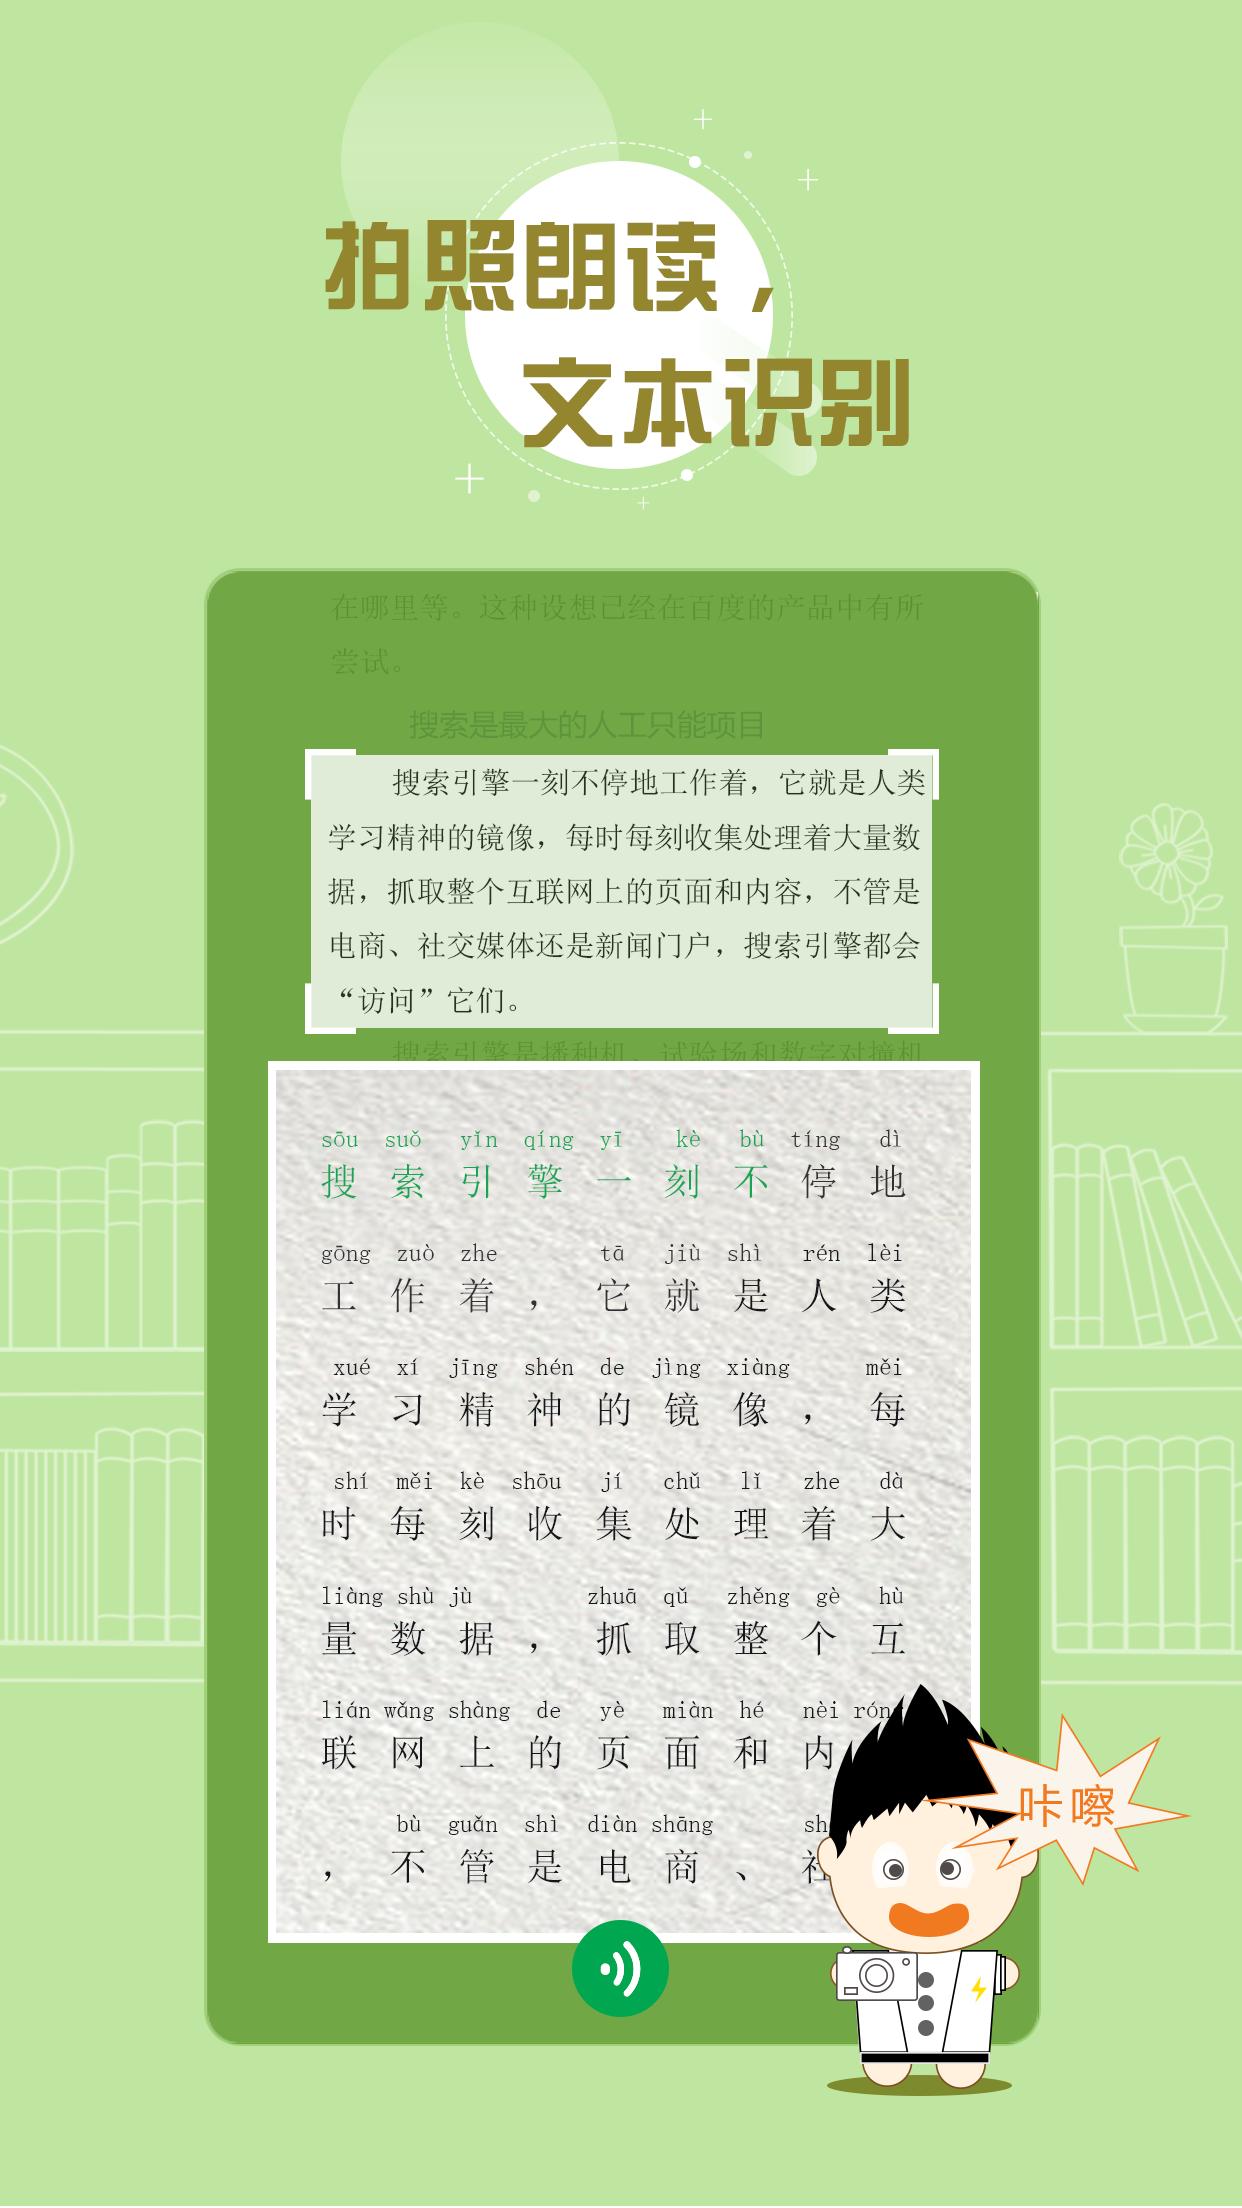 百度汉语下载